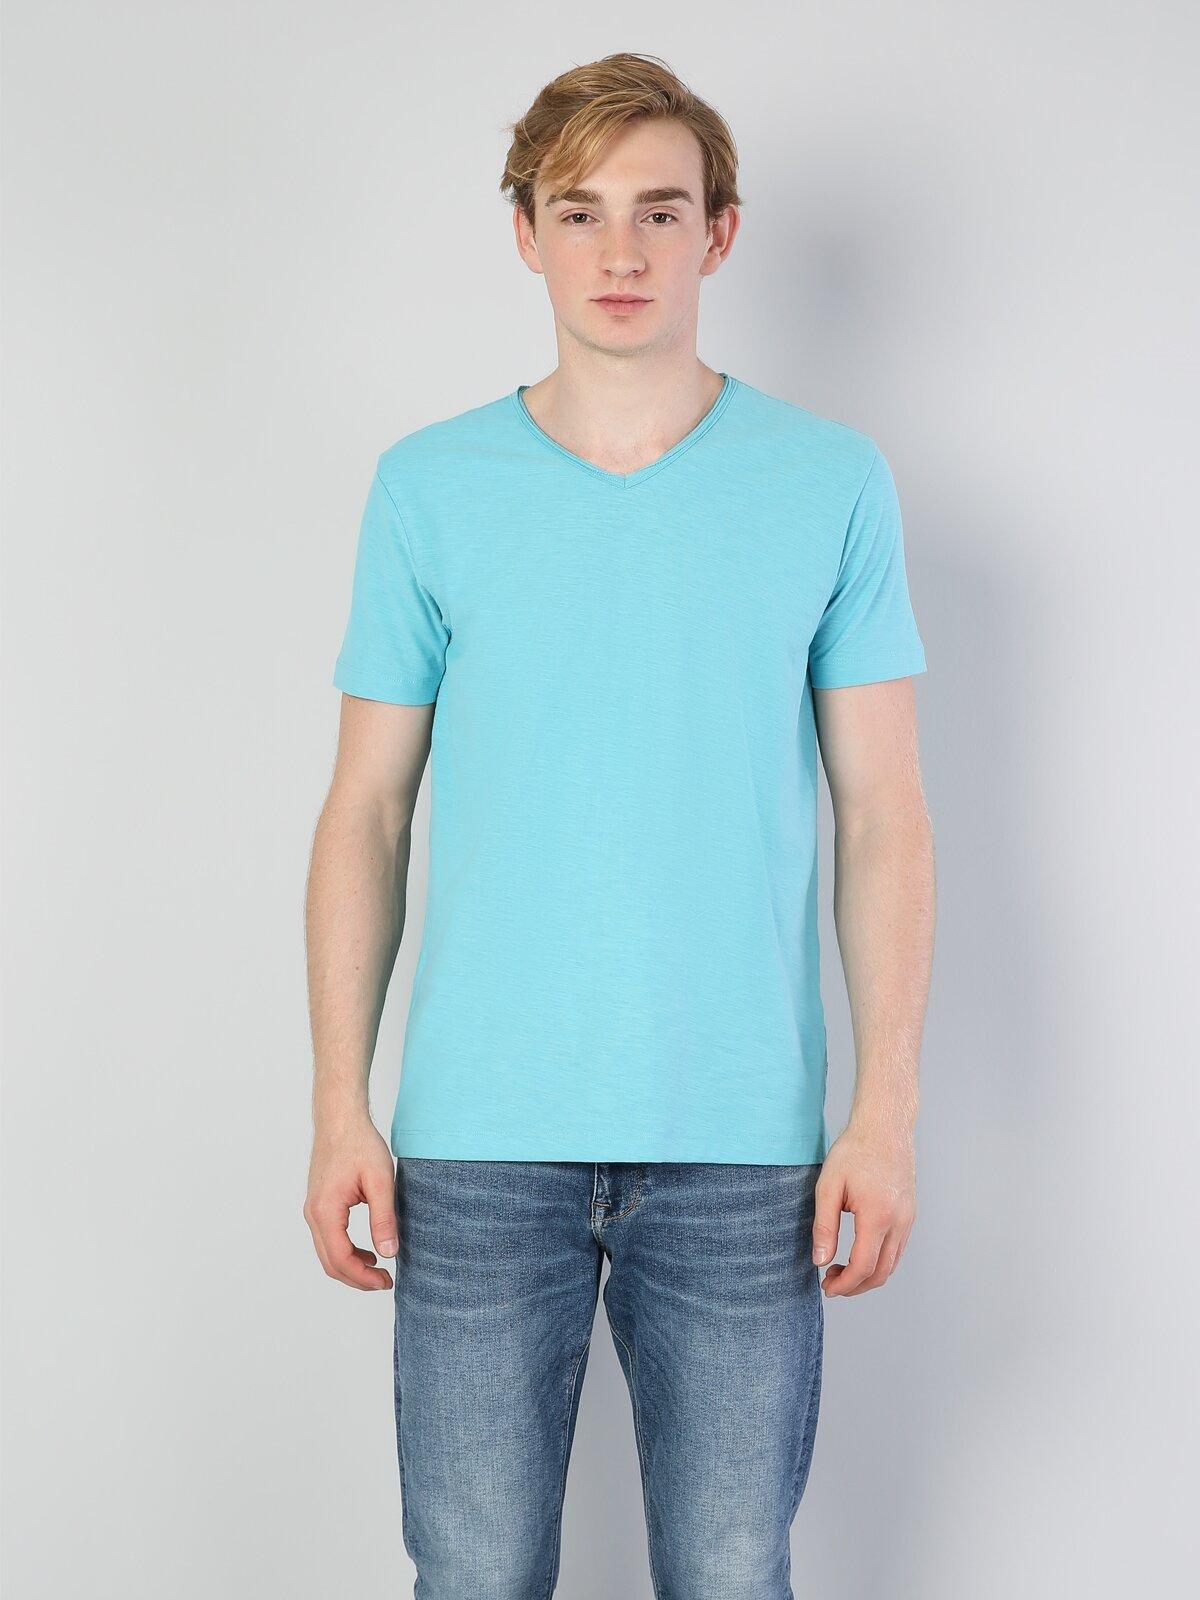 Turkuaz V Yaka Erkek Kısa Kol Tişört